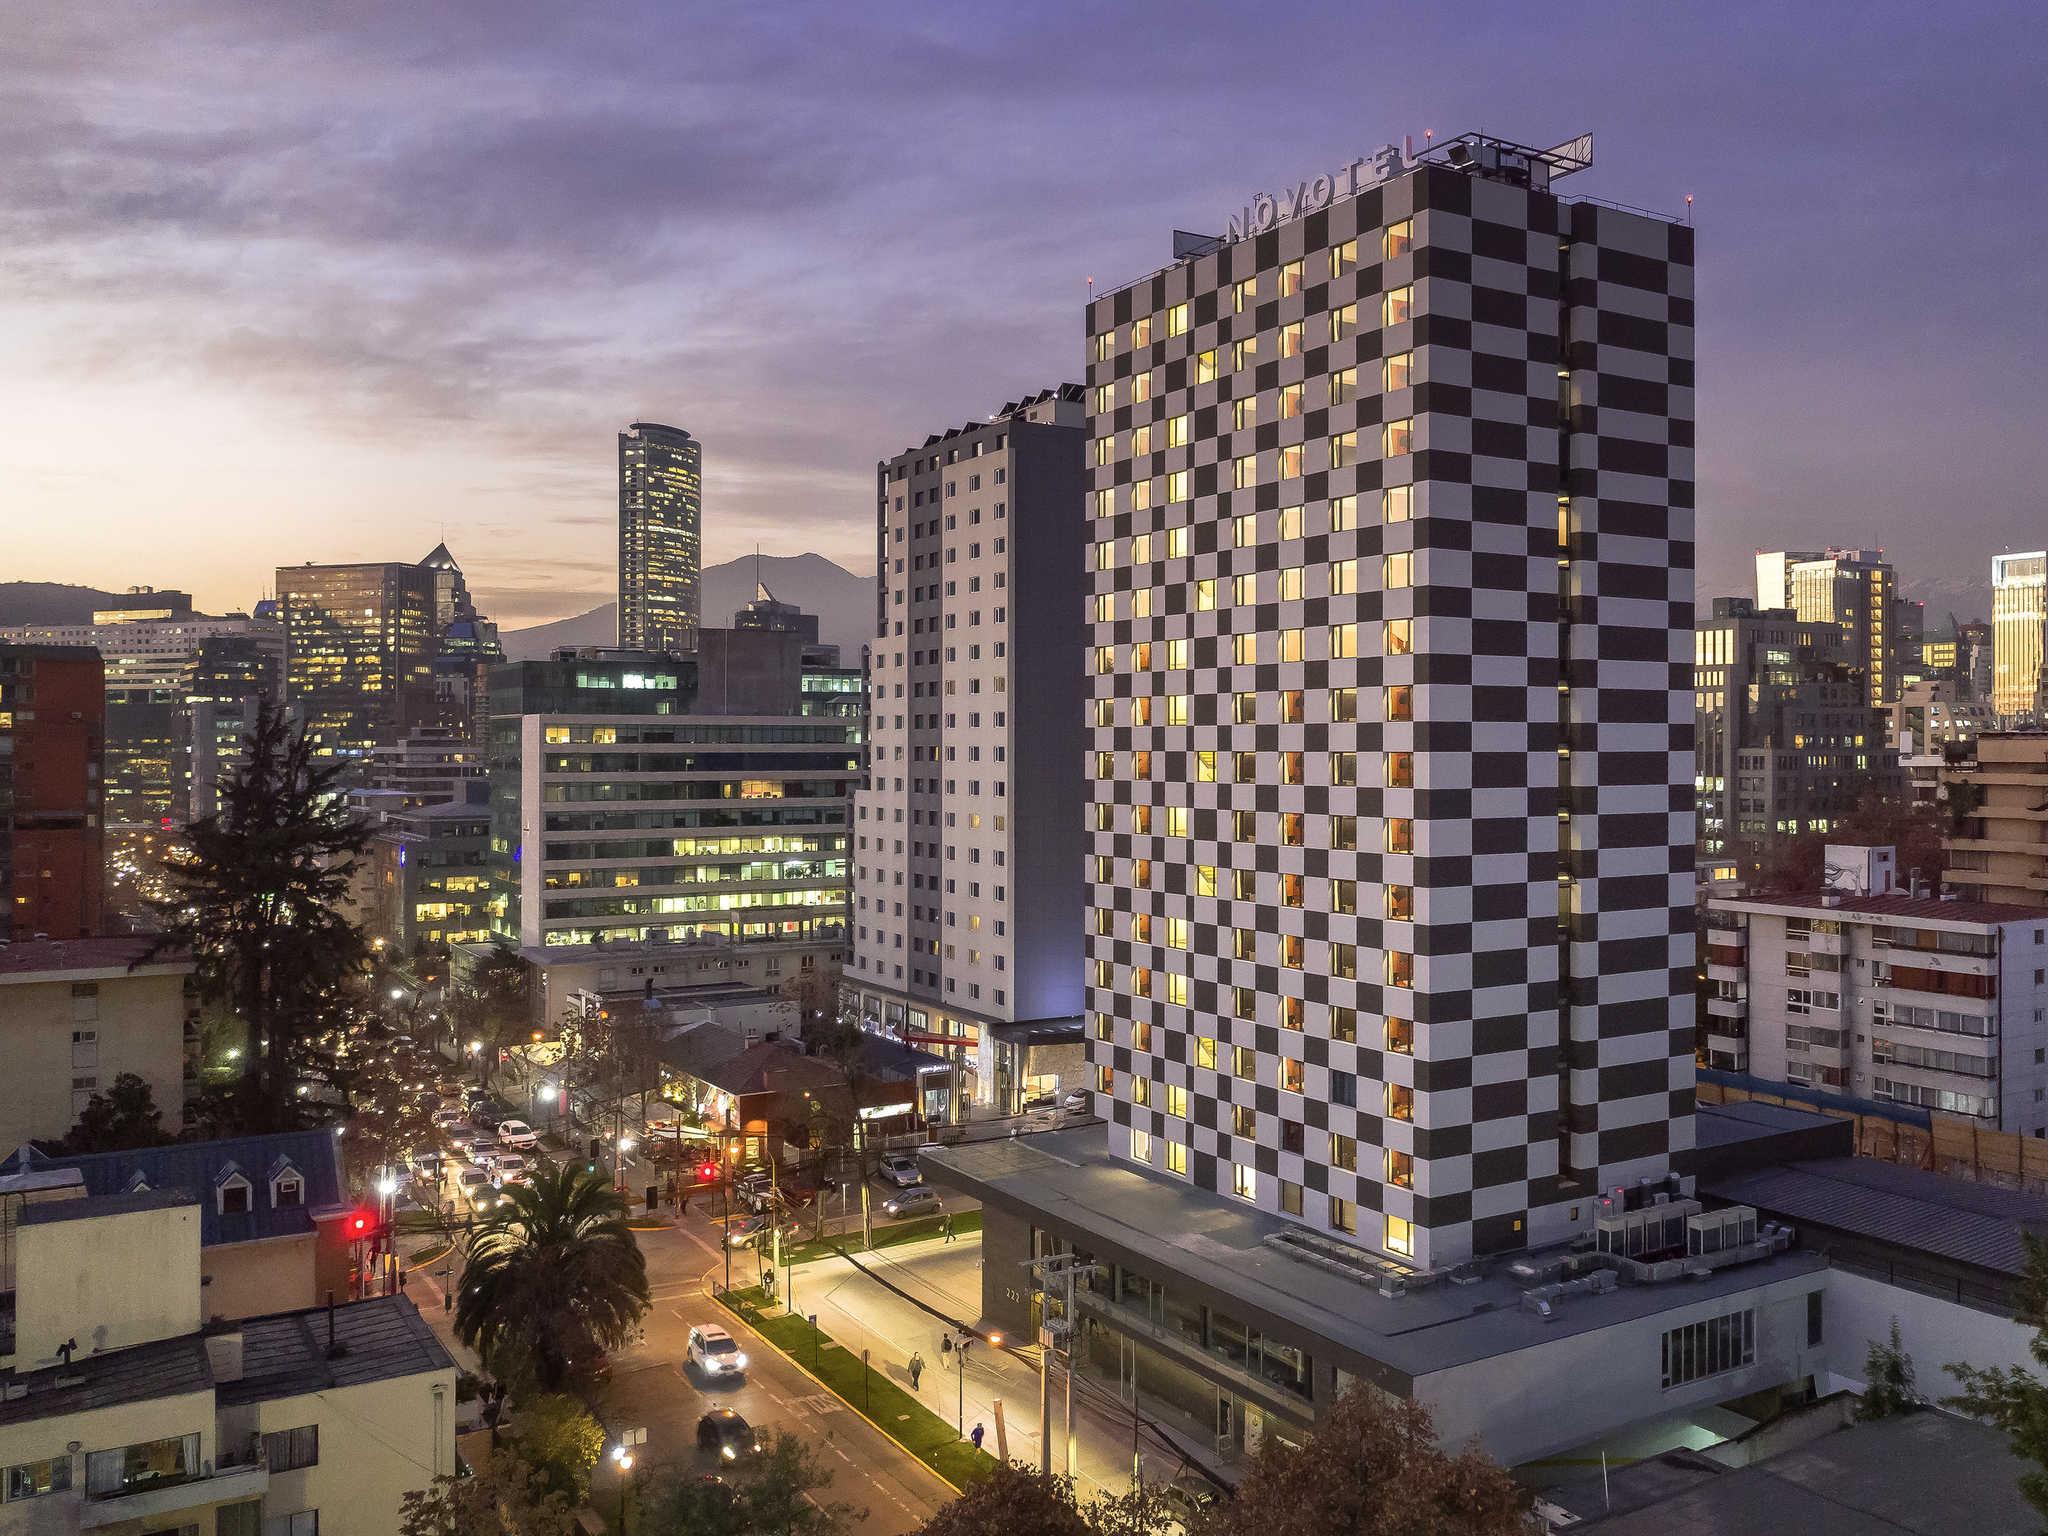 โรงแรม – Novotel Santiago Providencia (Apertura Septiembre 2018)